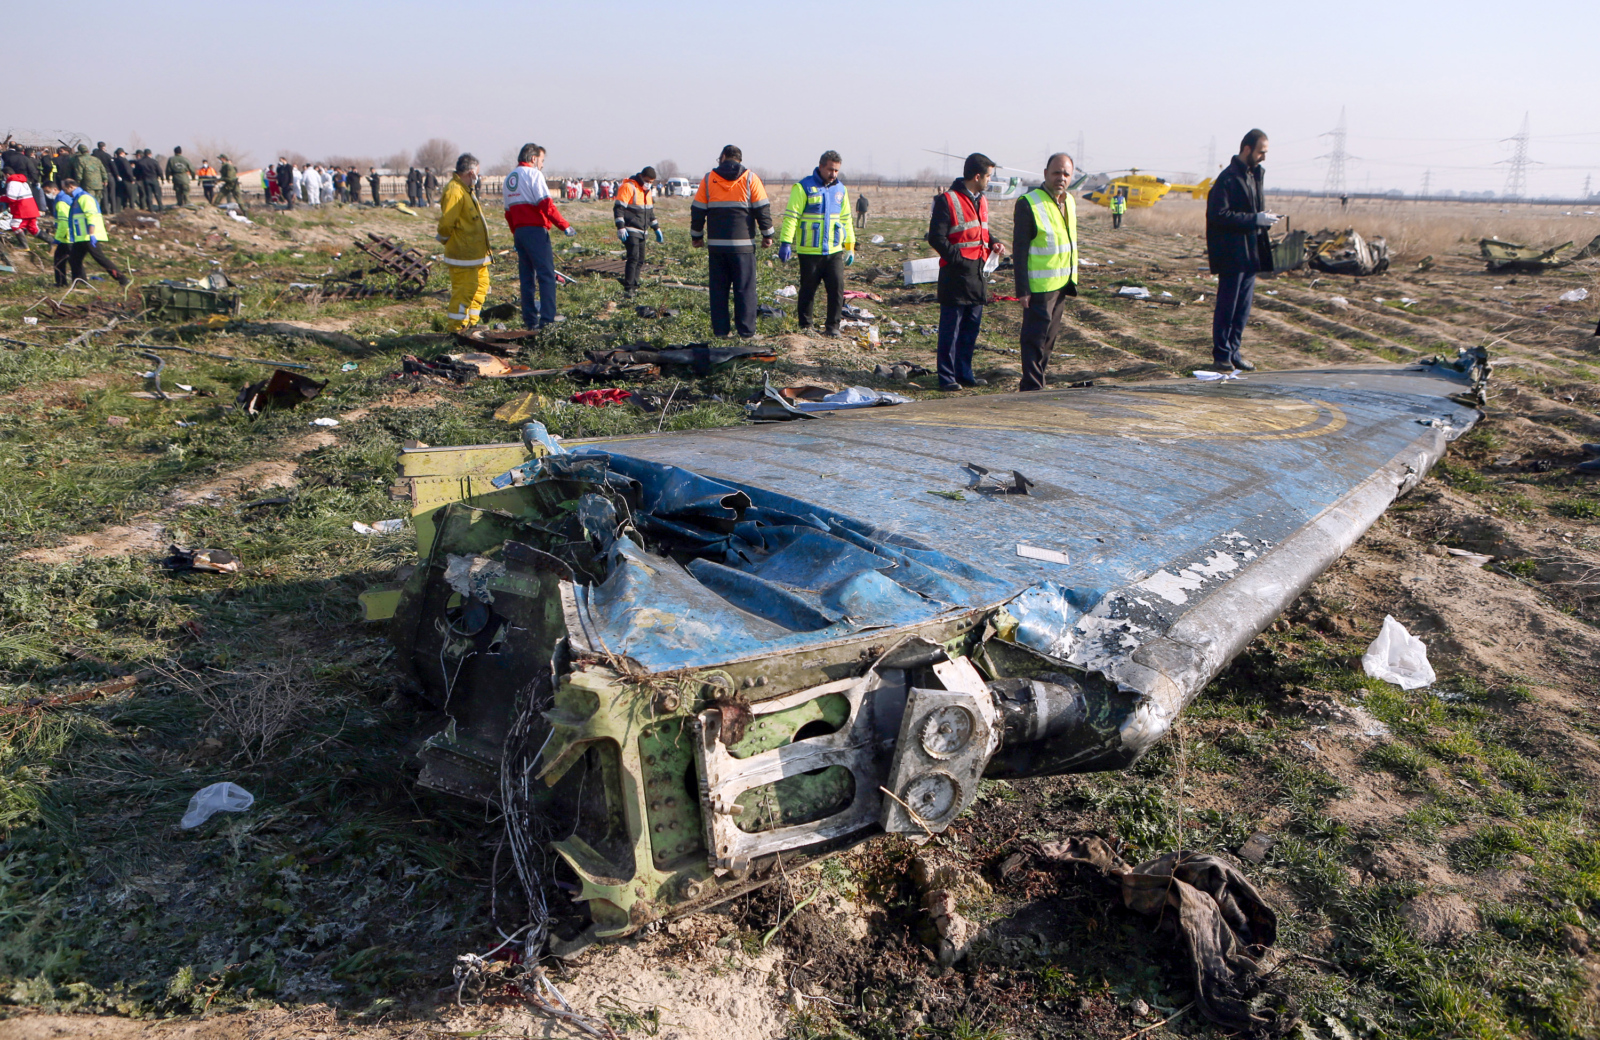 Iranul recunoaste doborarea avionului ucrainean. Victime si reactii internationale